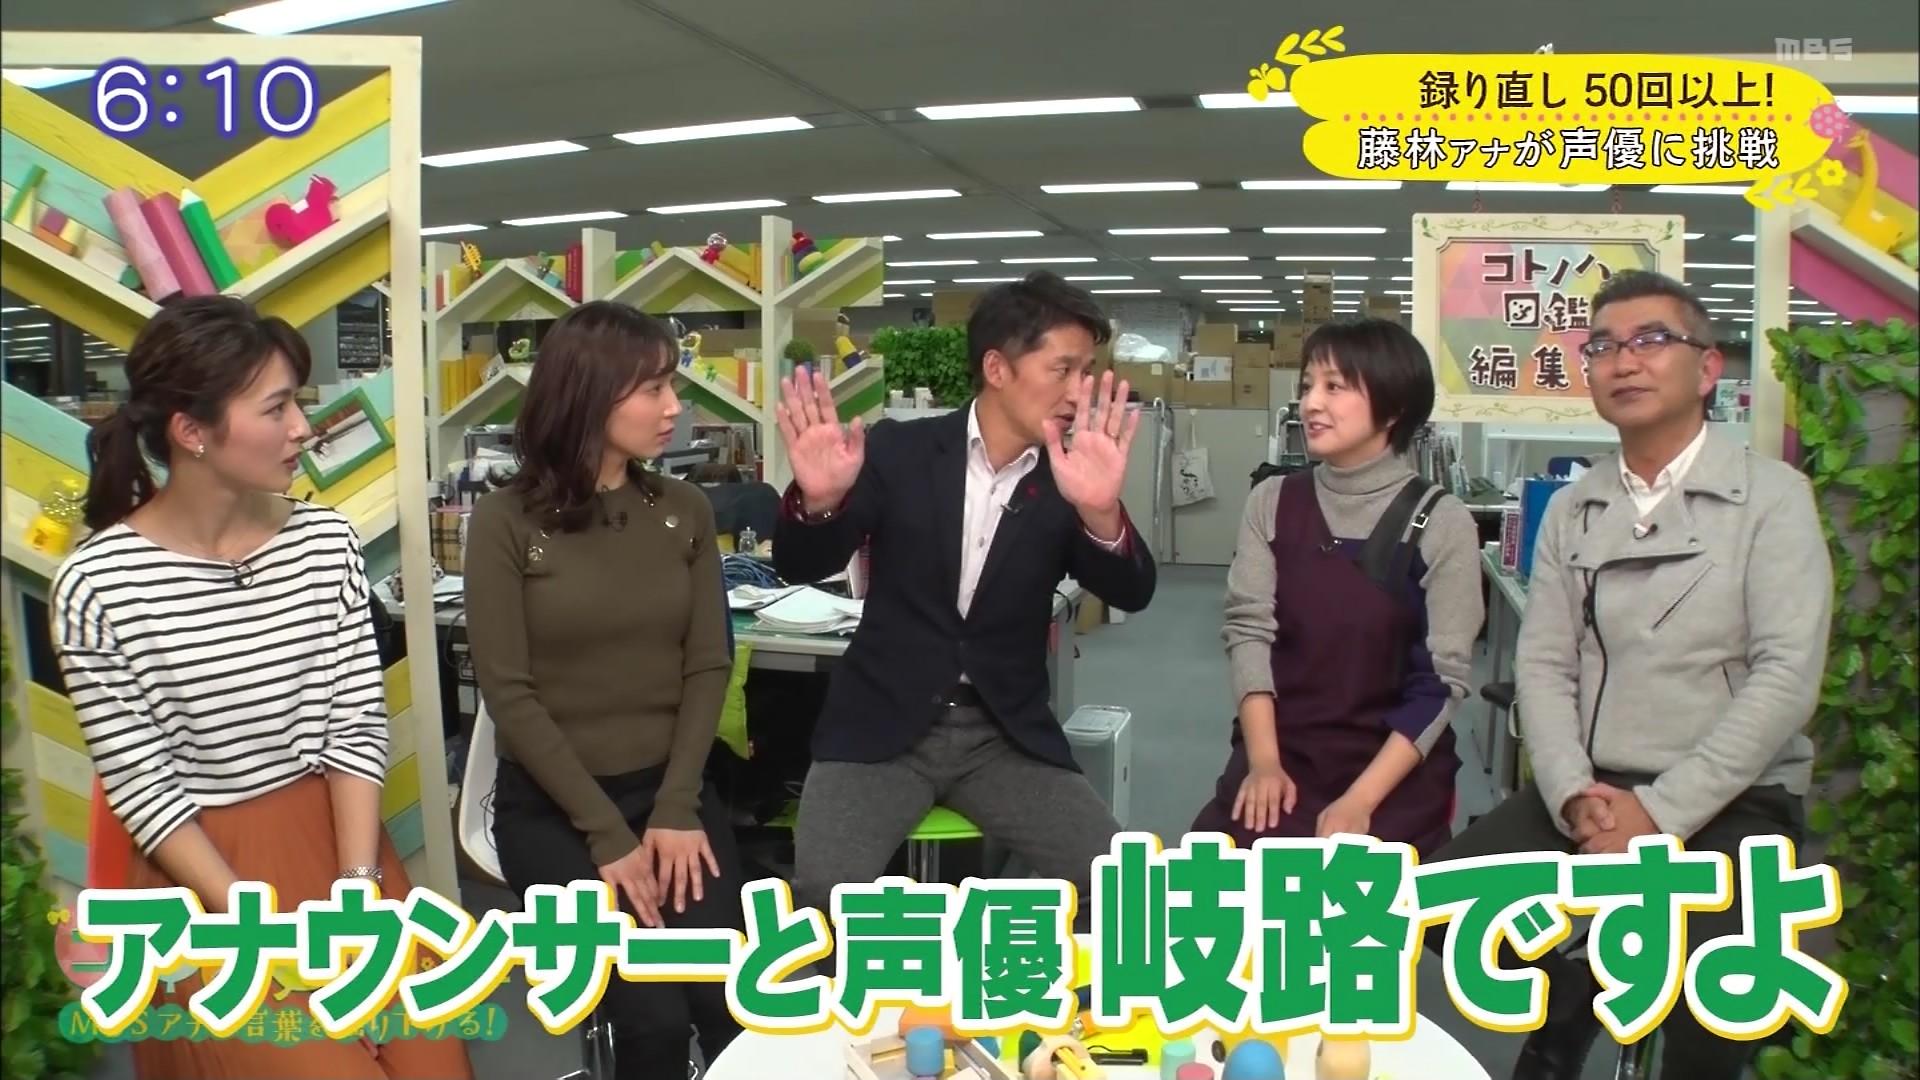 2019年12月15日に放送された「コトノハ図鑑」に出演した野嶋紗己子さんのテレビキャプチャー画像-022